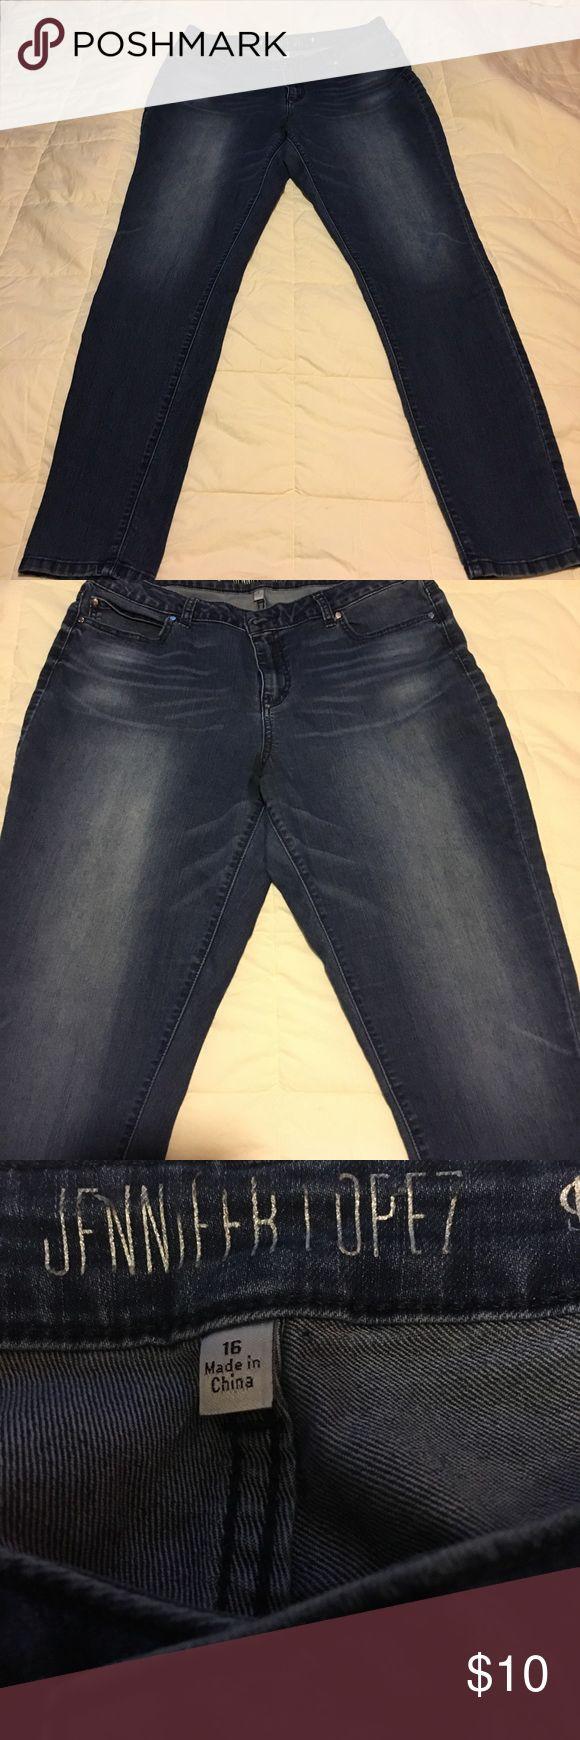 Jennifer Lopez  skinny Jeans Size 16 skinny leg Jennifer Lopez Jeans Jennifer Lopez Jeans Skinny